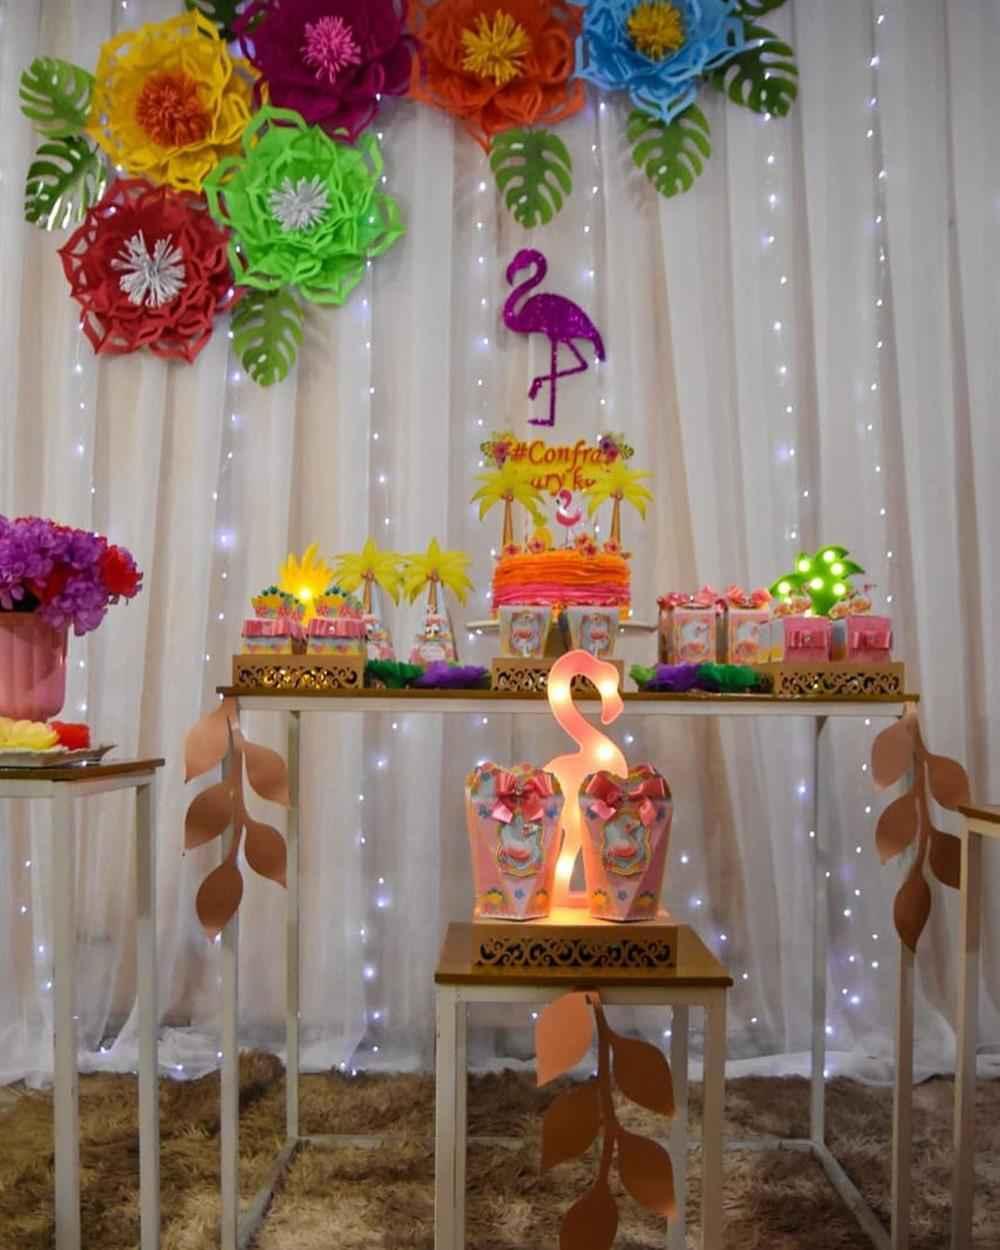 festa decorada com cortina